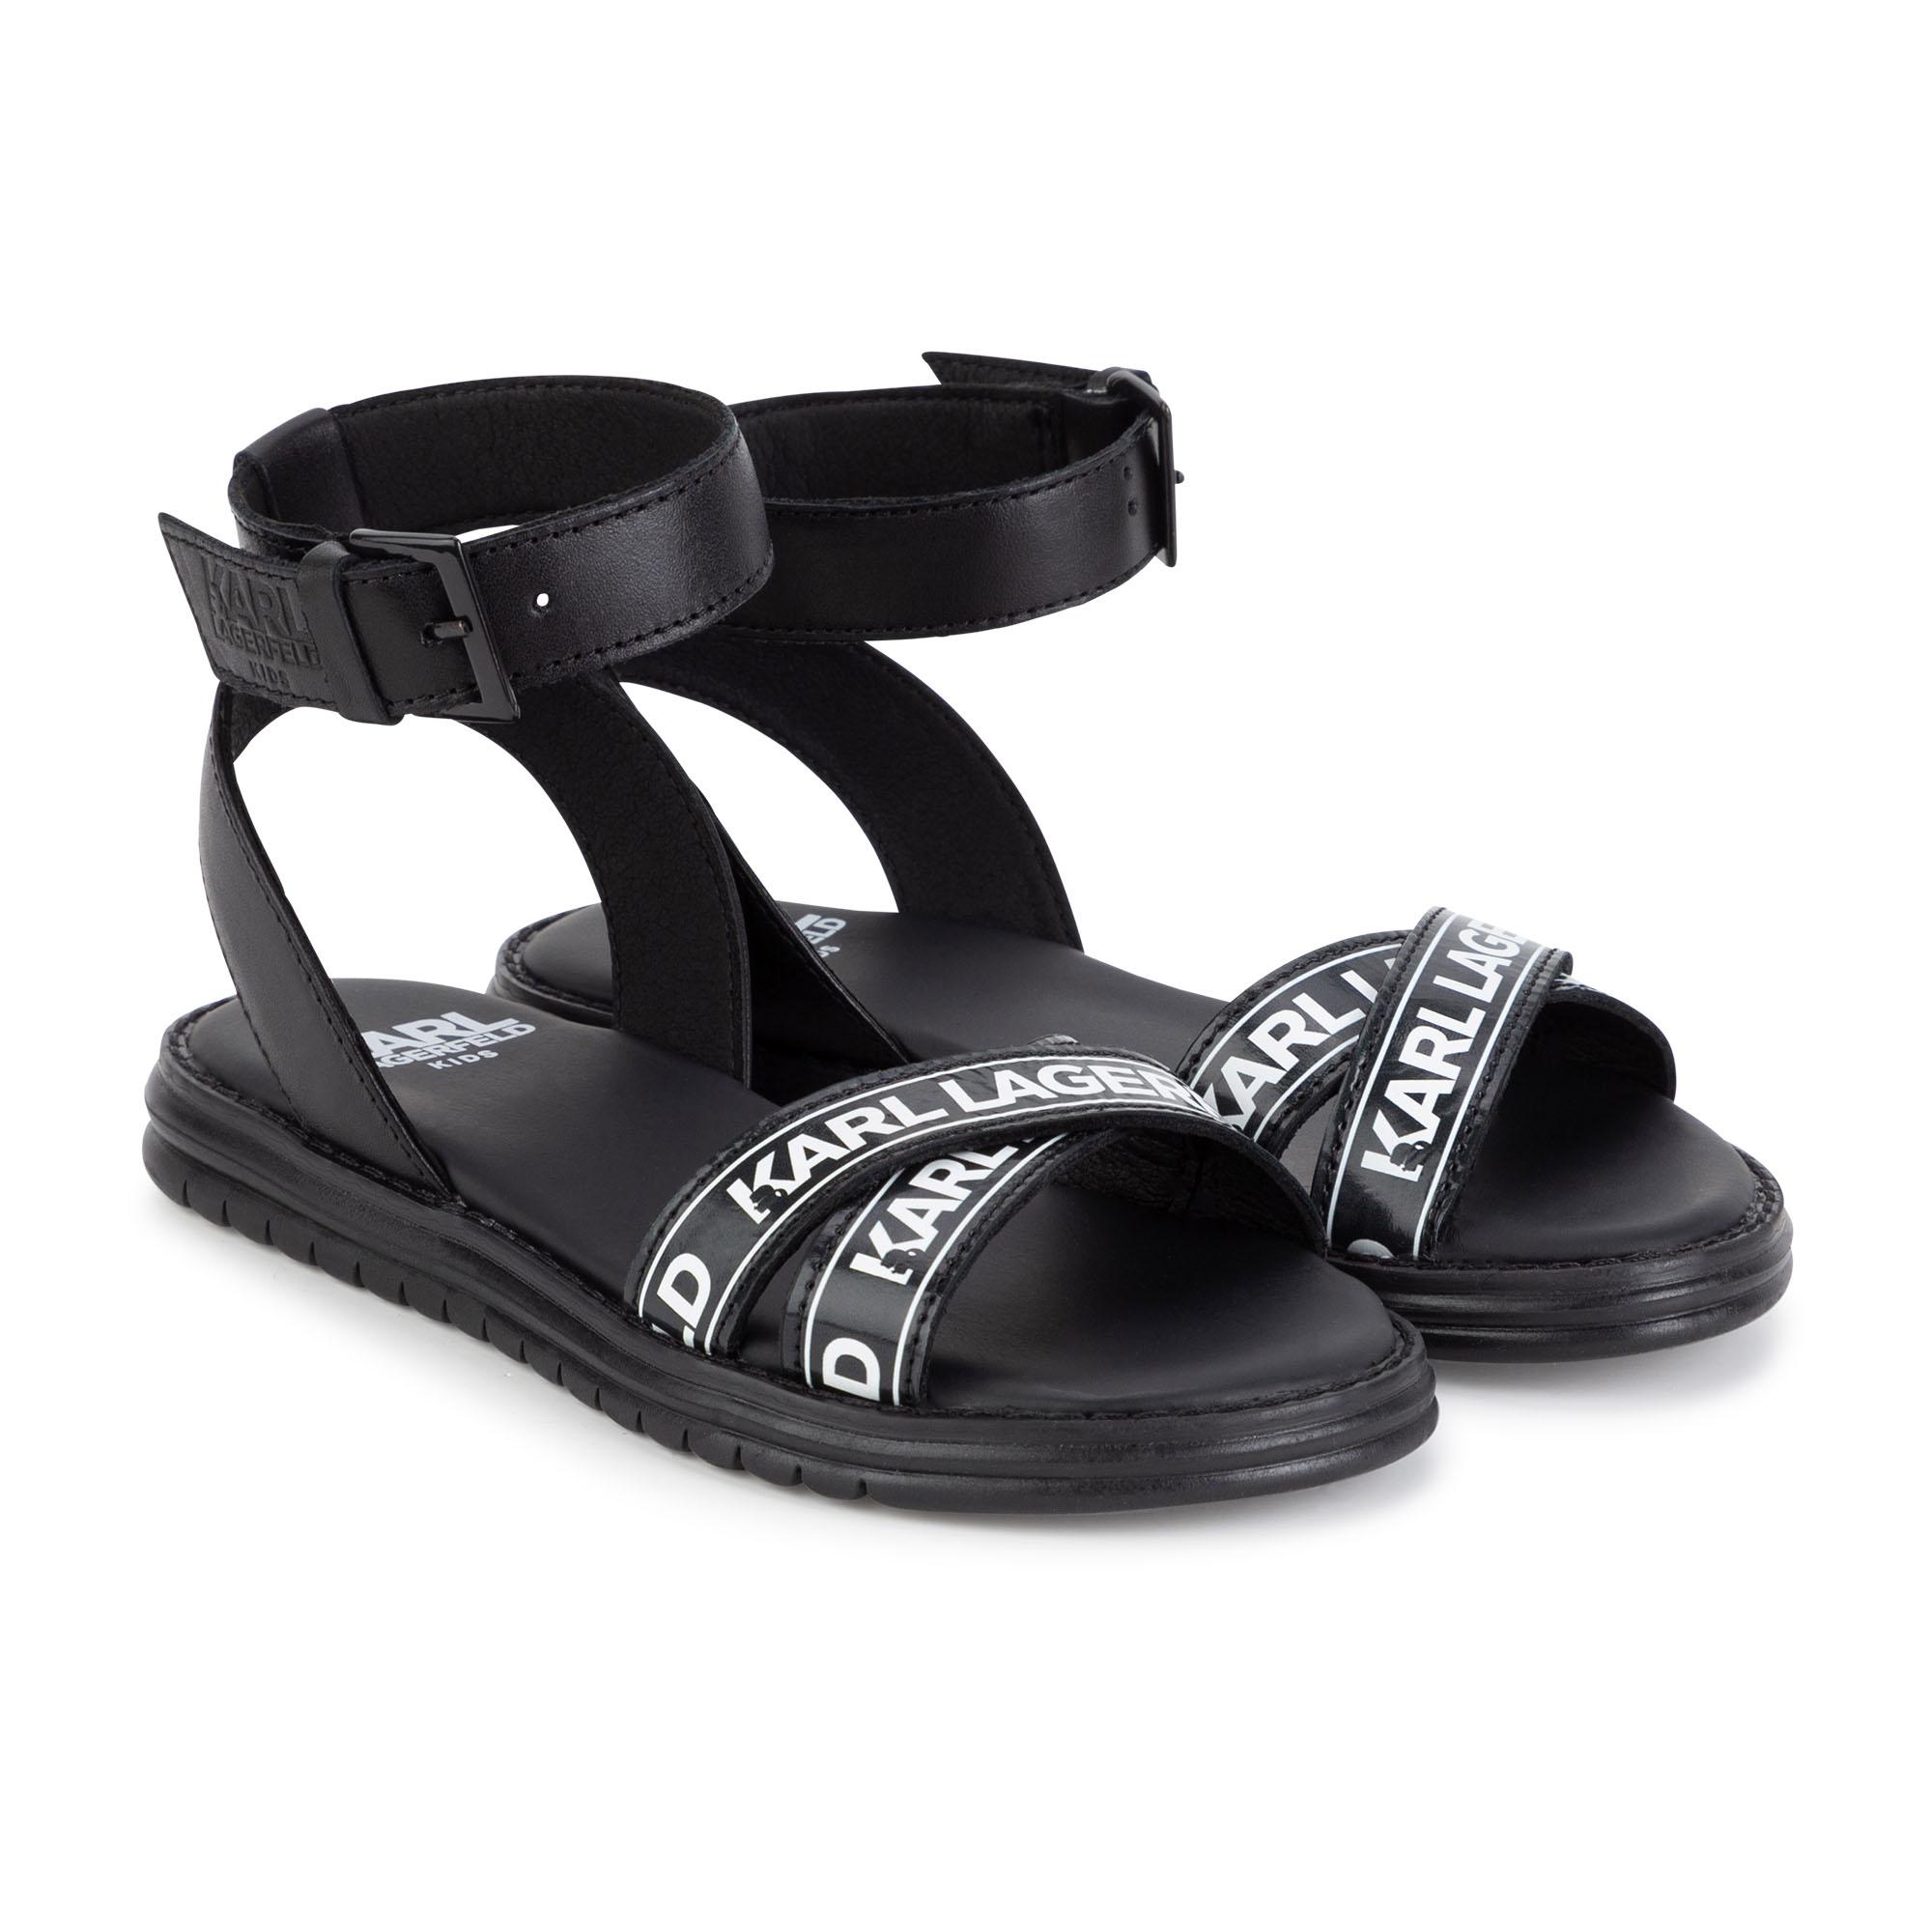 Sandales en cuir KARL LAGERFELD KIDS pour FILLE